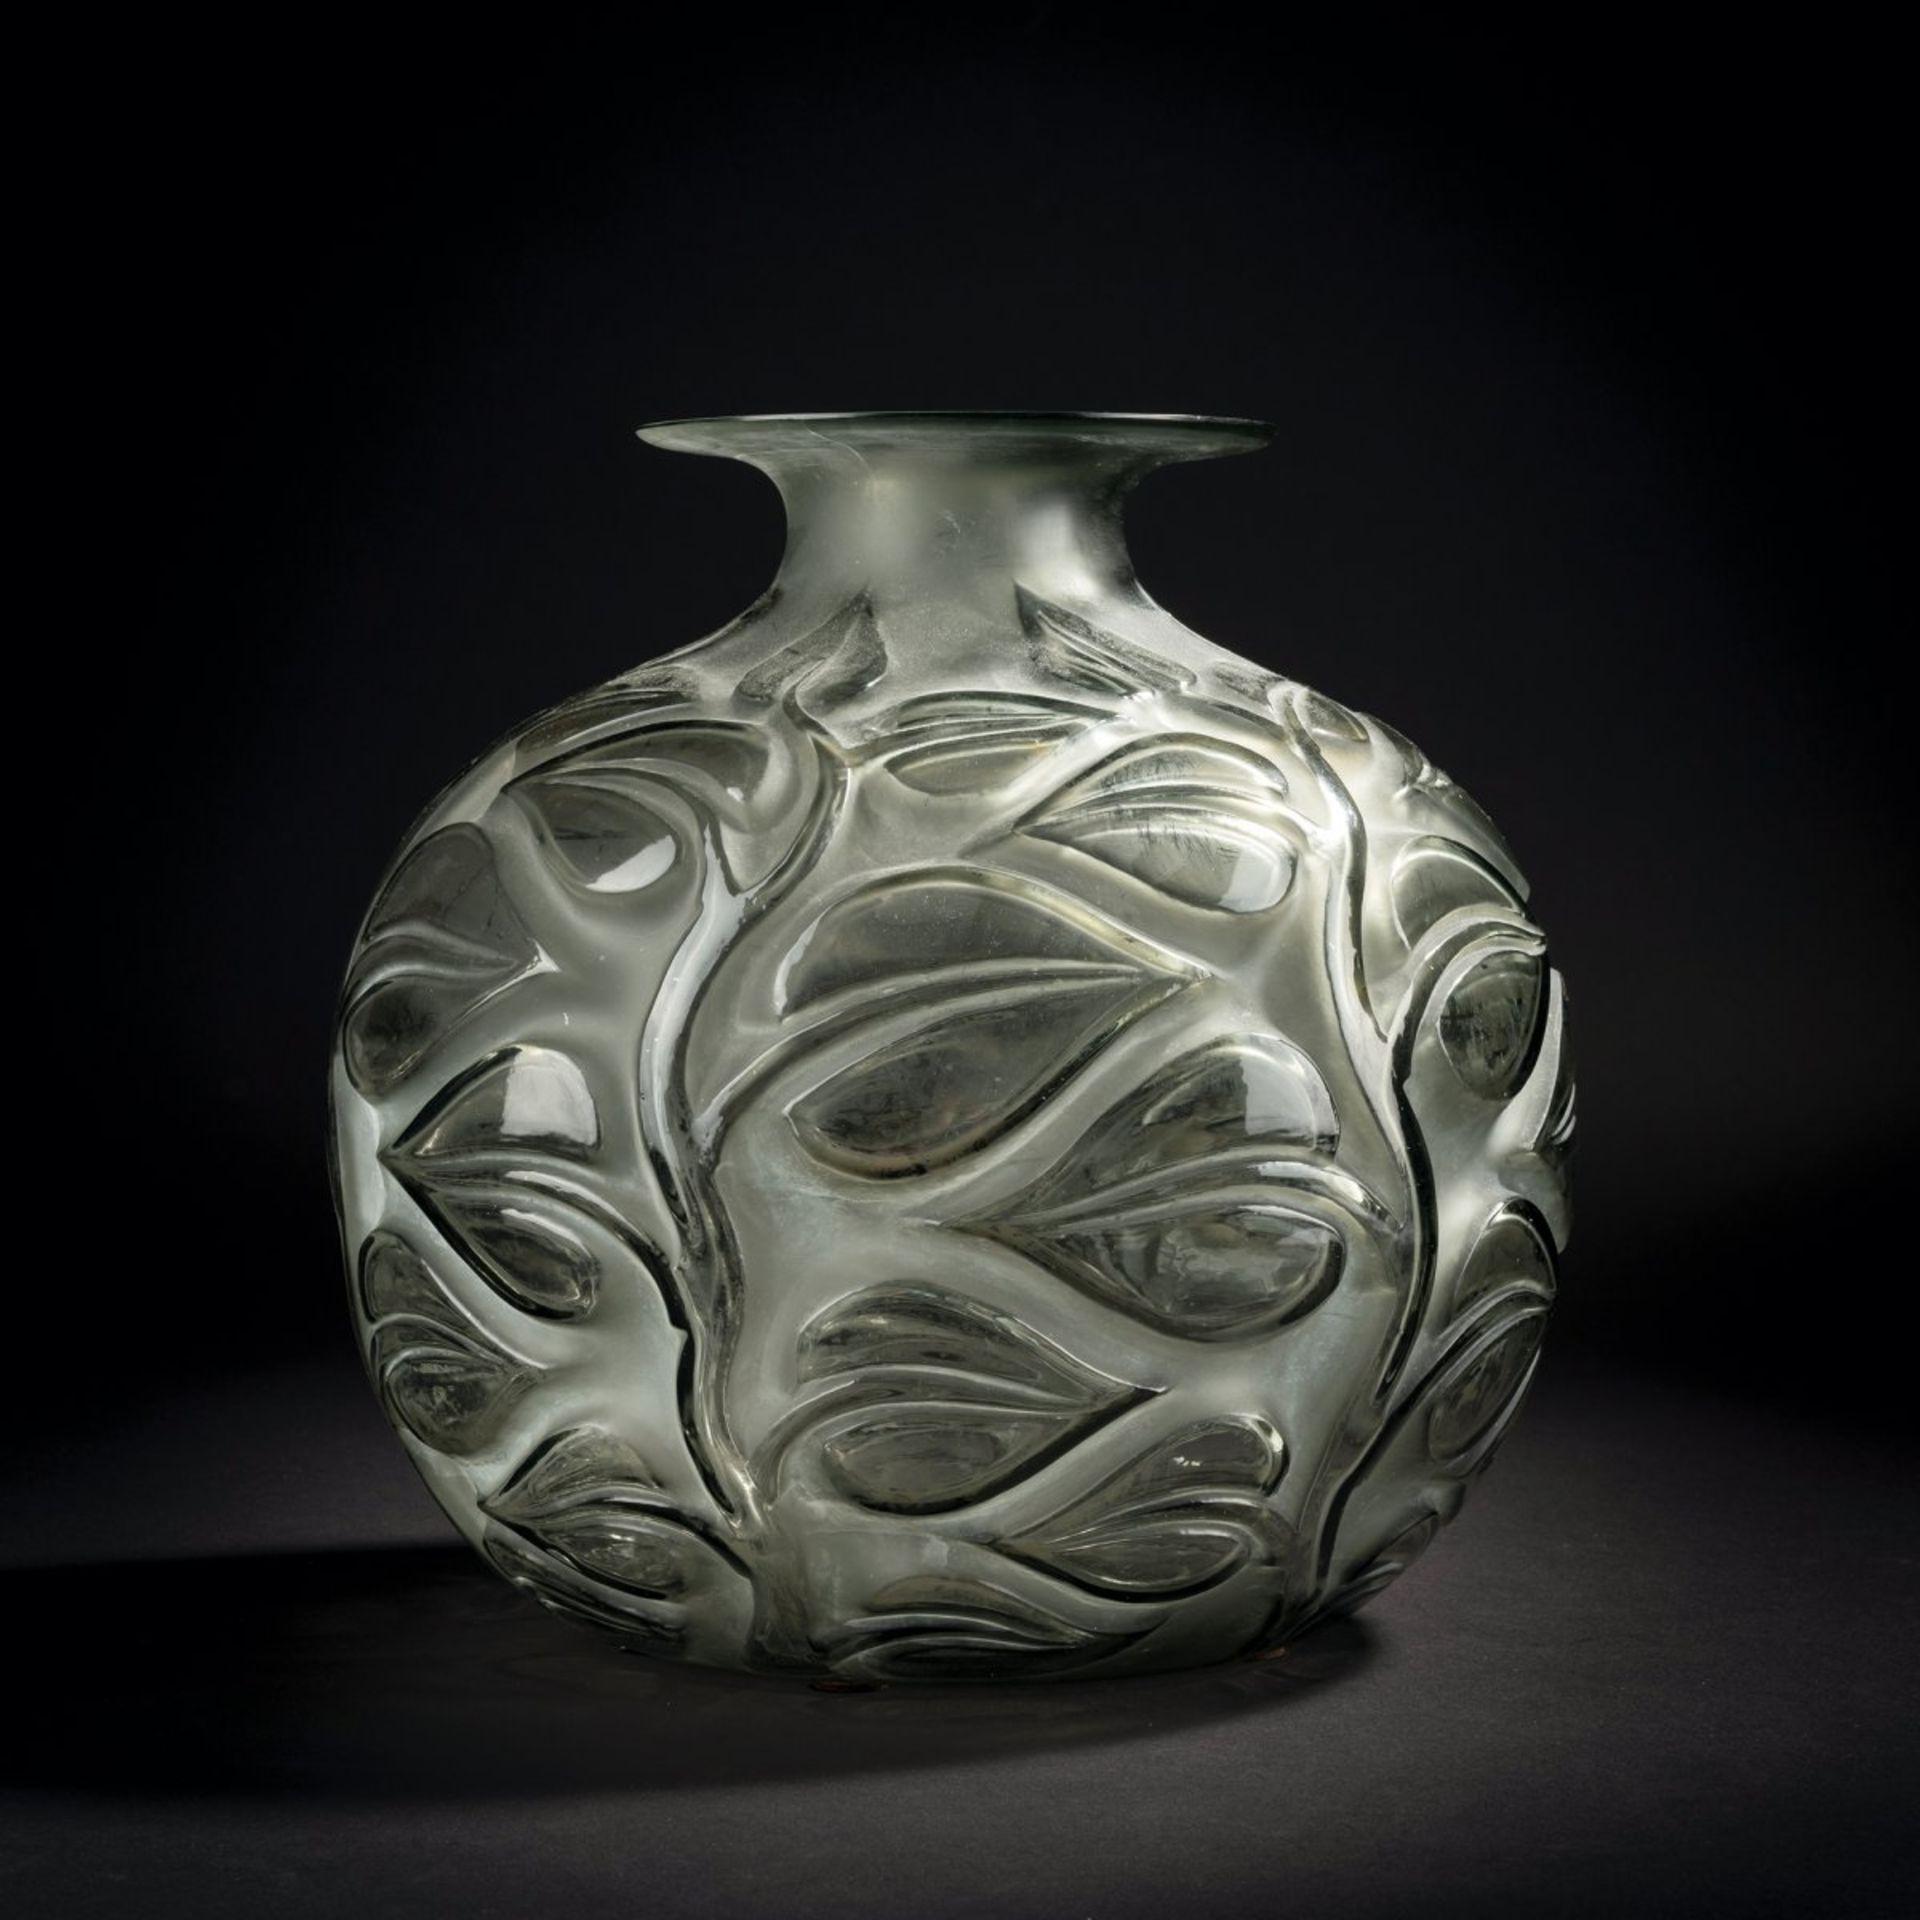 René Lalique, Vase 'Sophora', 1926